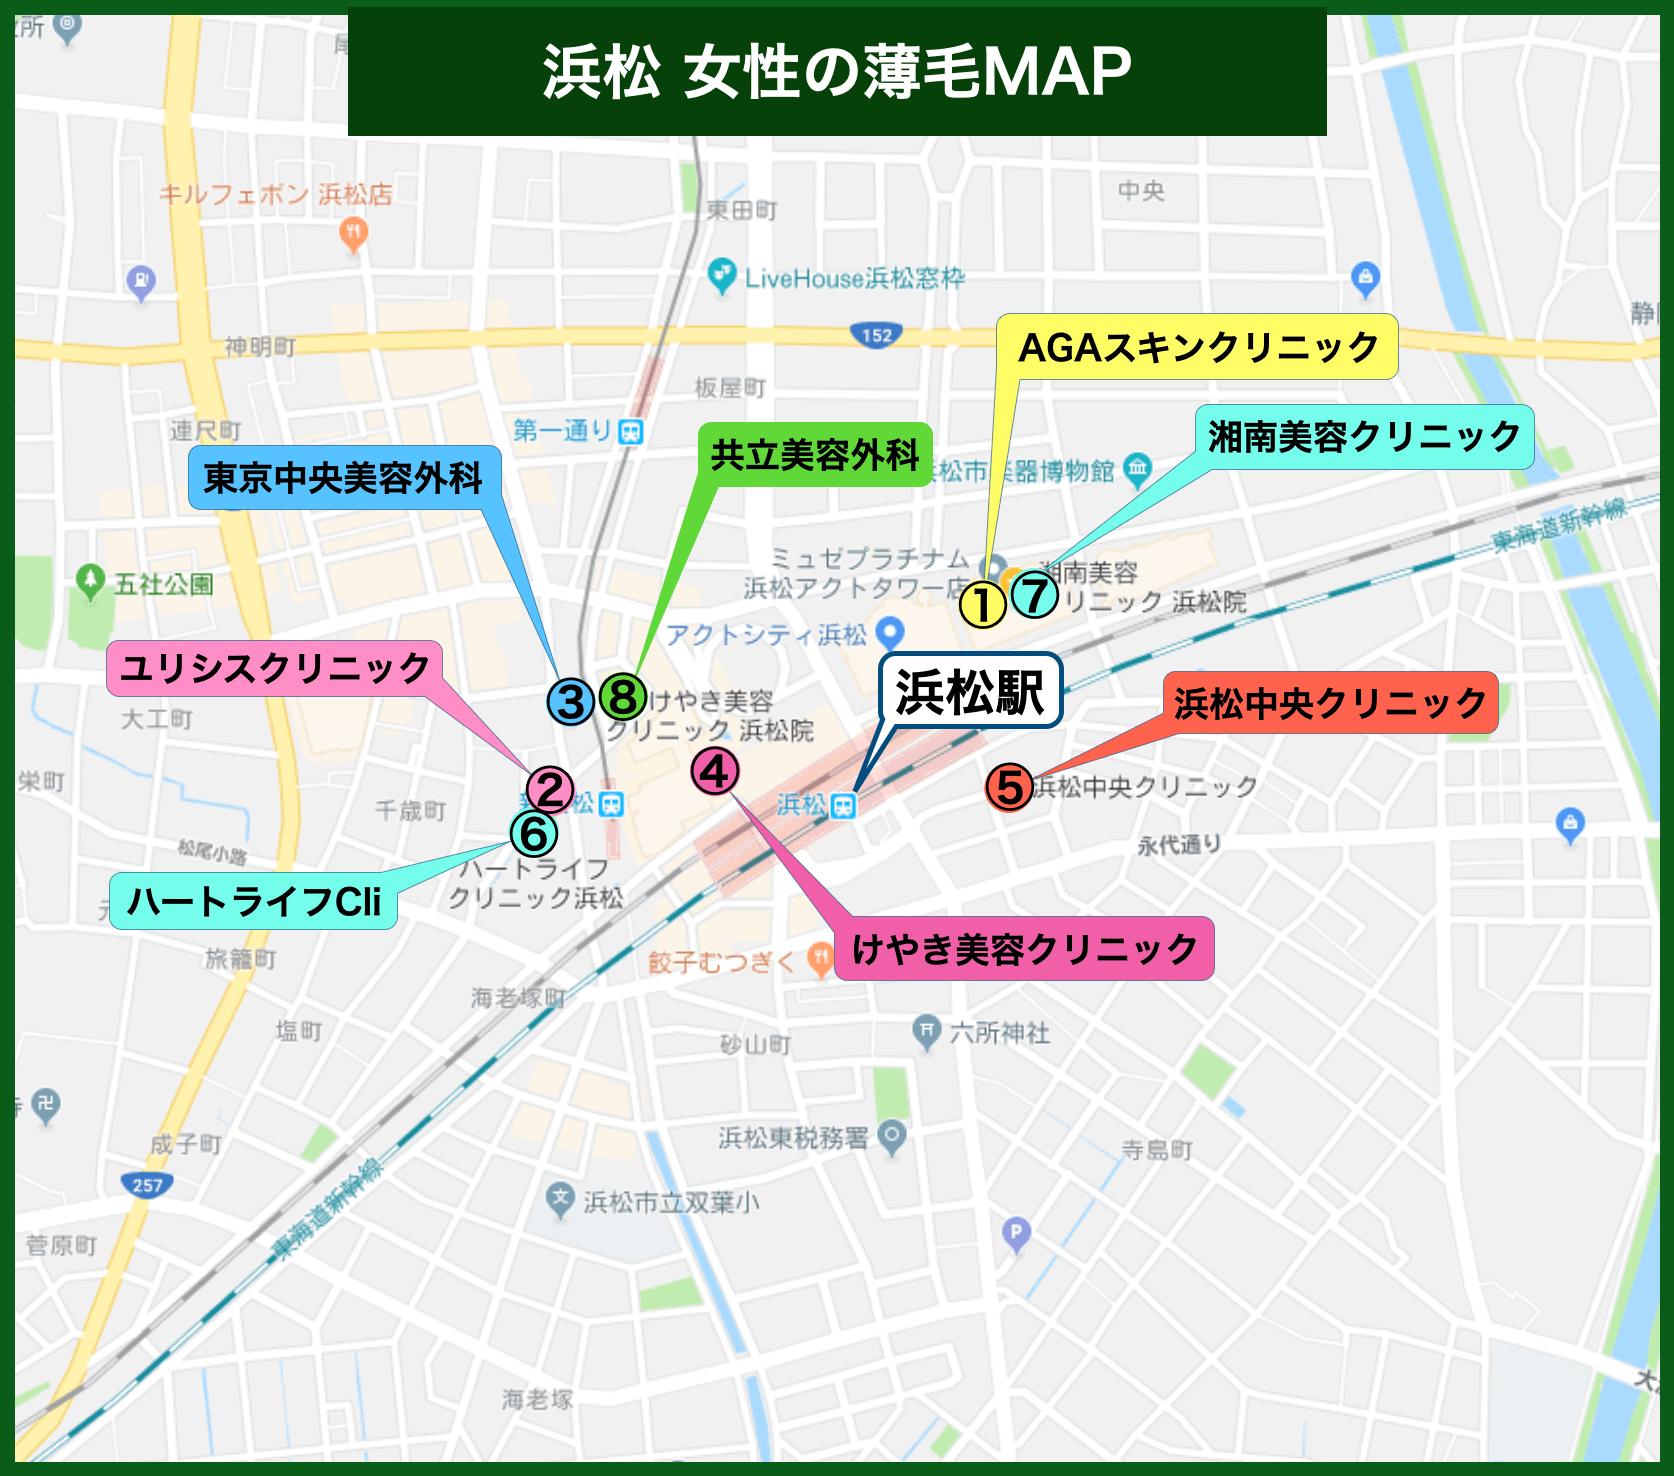 浜松駅周辺 女性の薄毛MAP